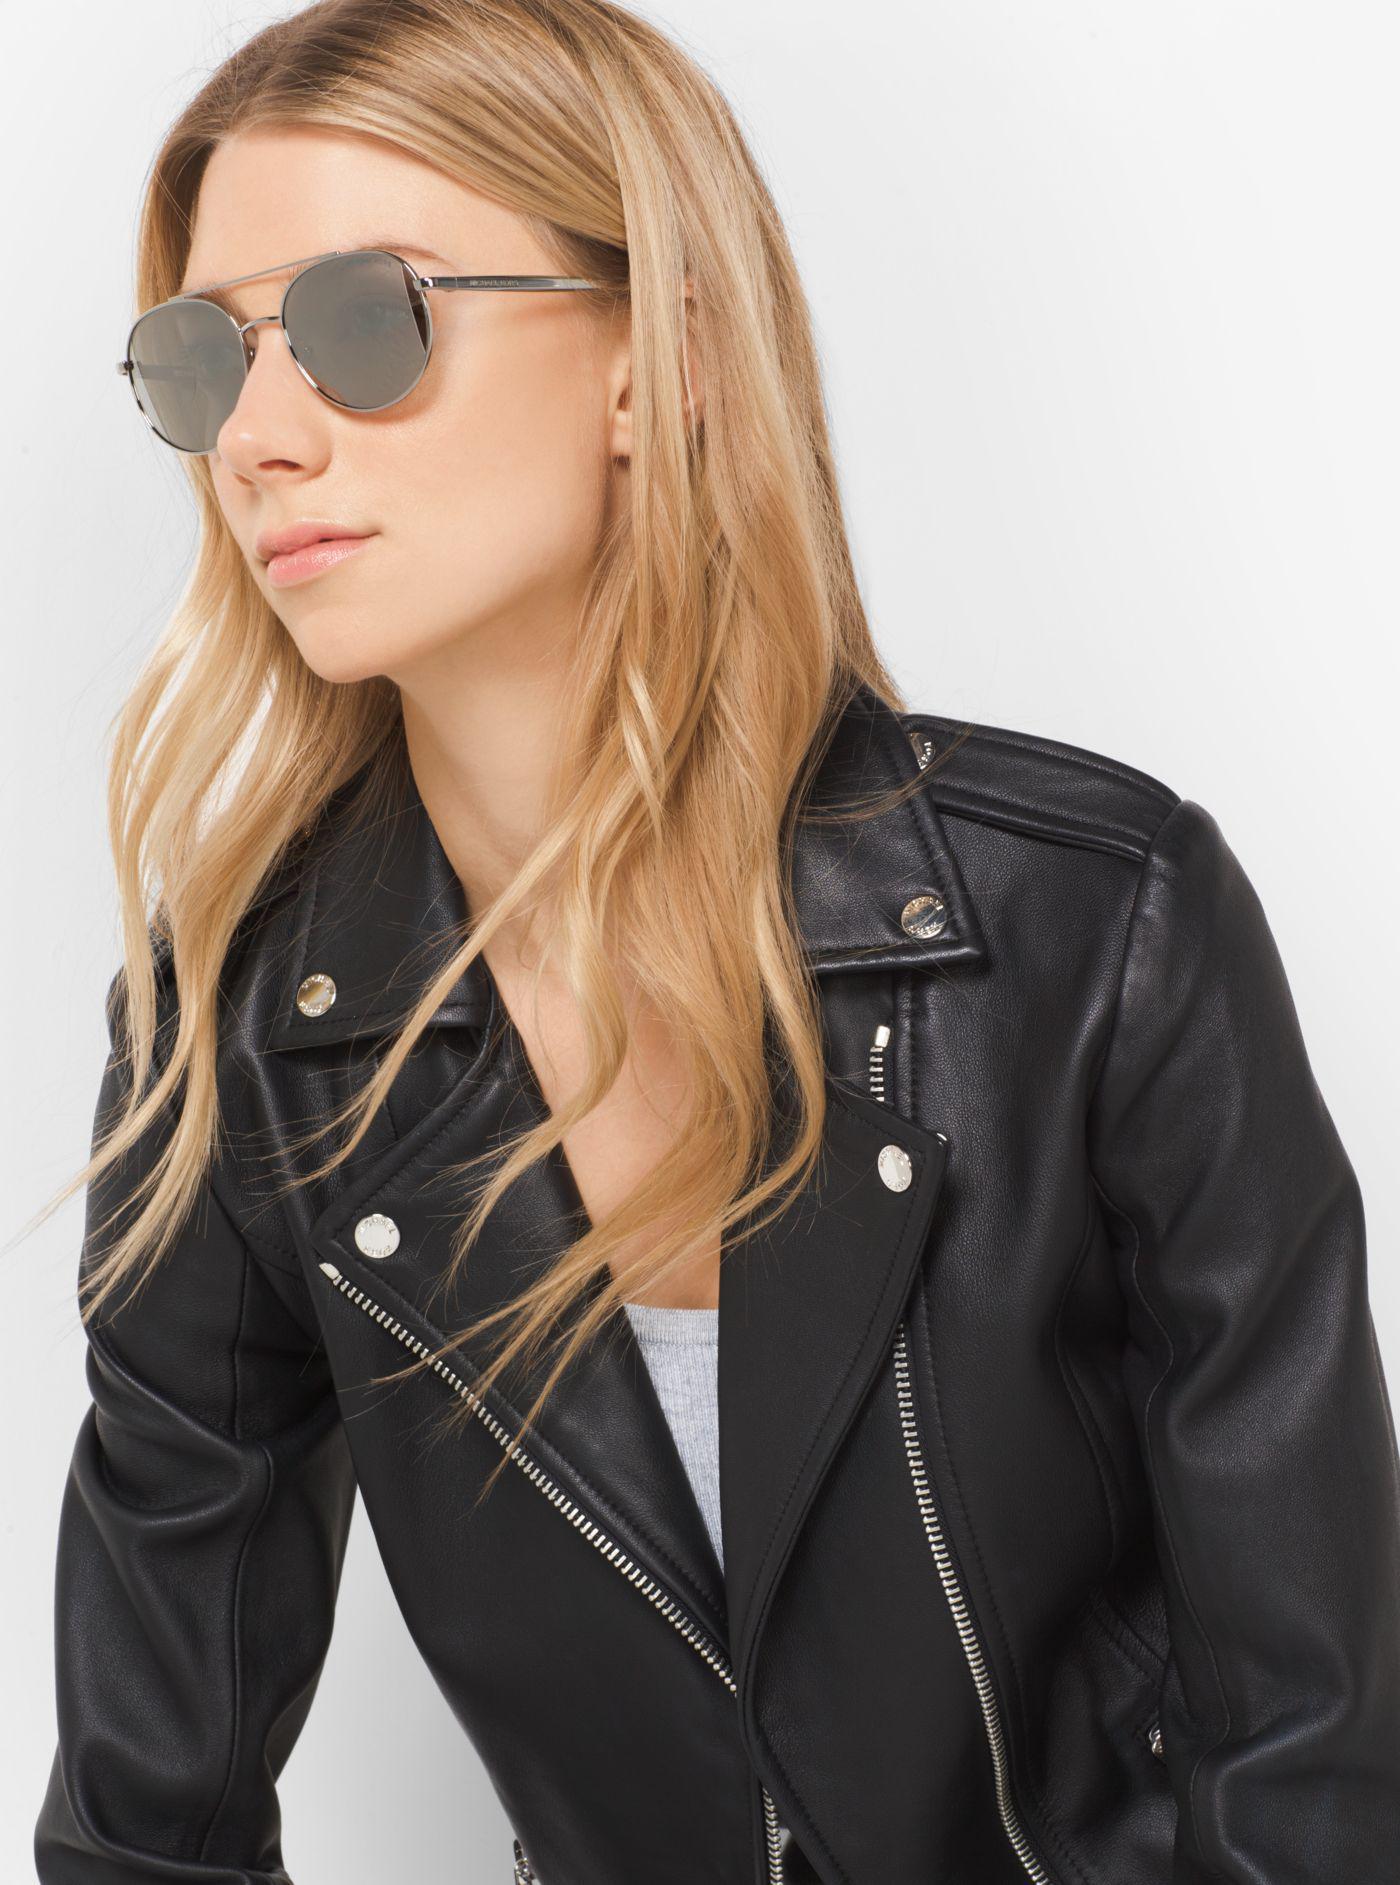 67142702edd739 Michael Kors Lon Rounded Aviator Sunglasses in Gray - Lyst